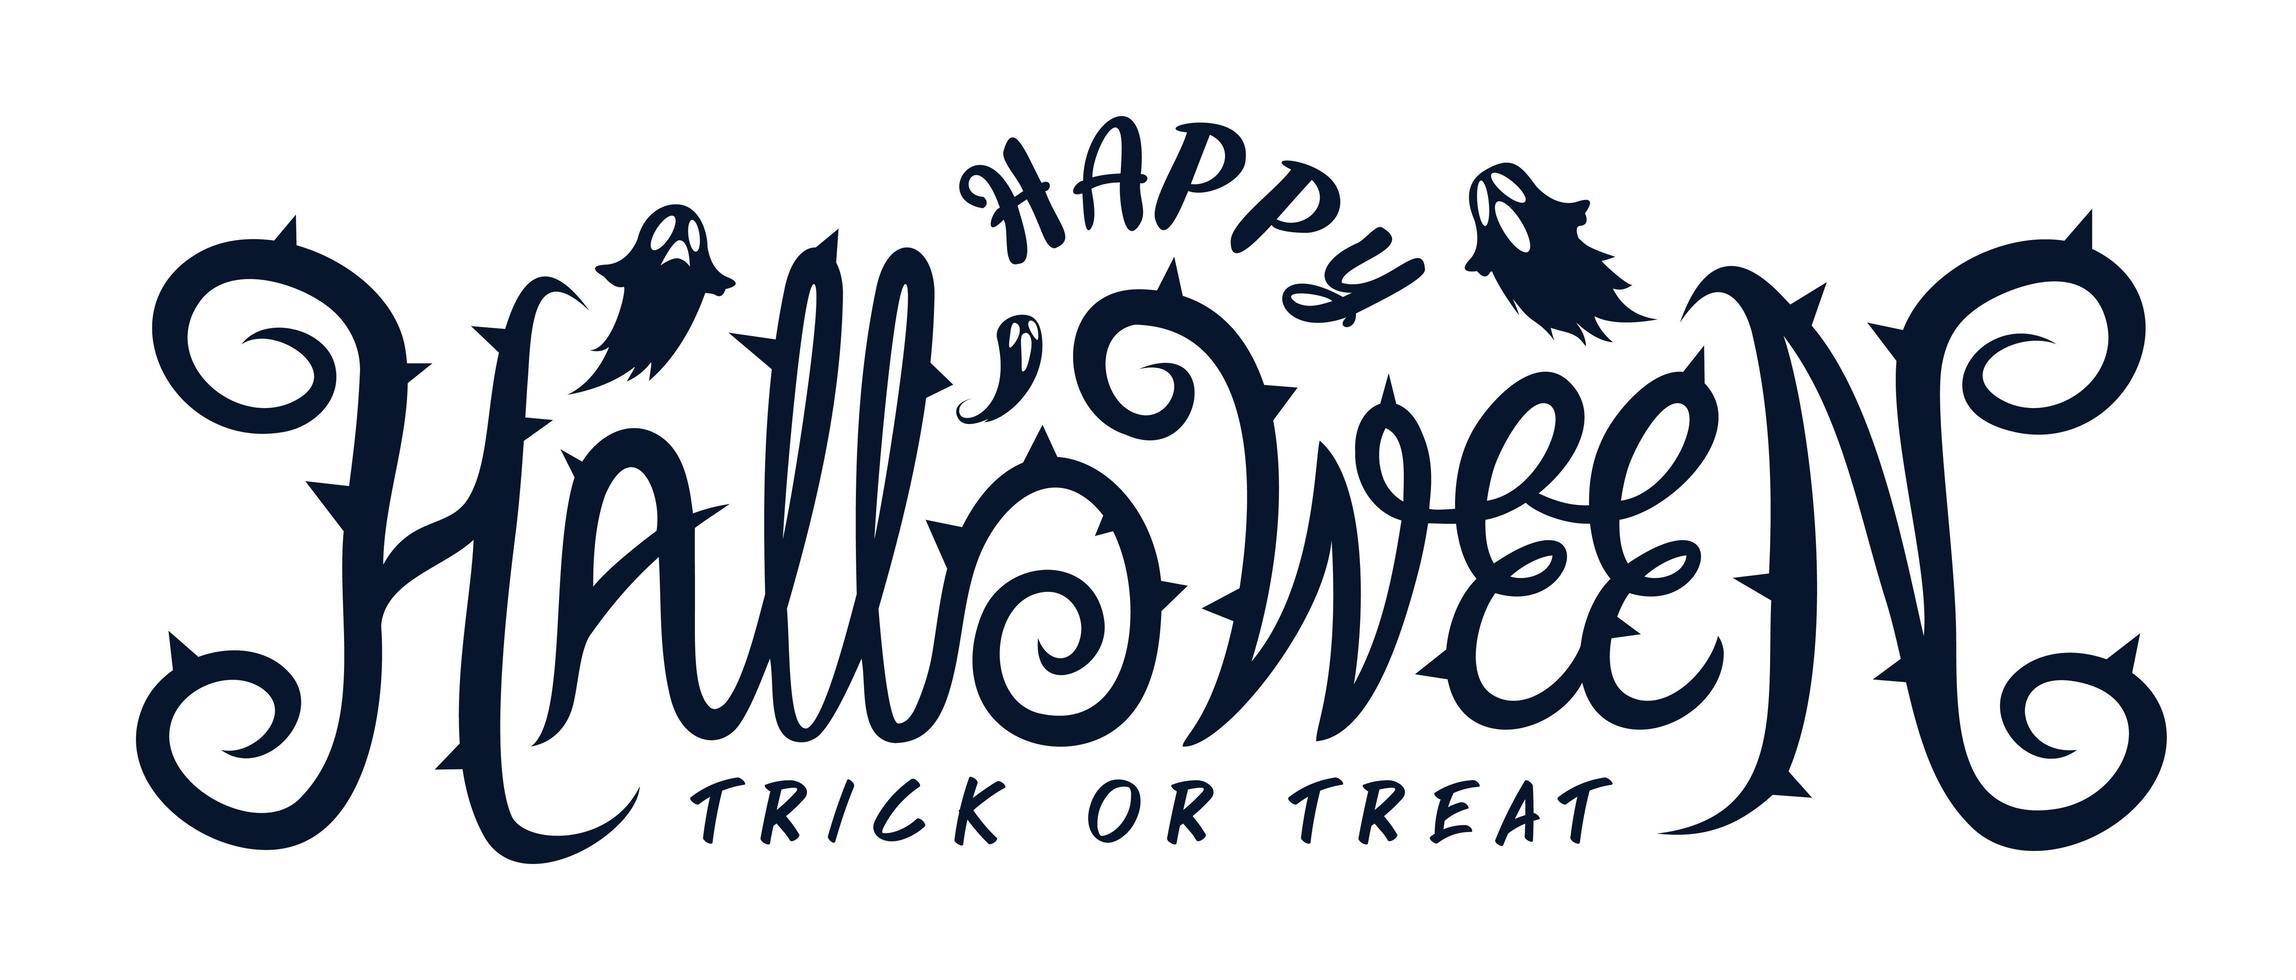 texte de fête d & # 39; halloween heureux avec fantôme vecteur